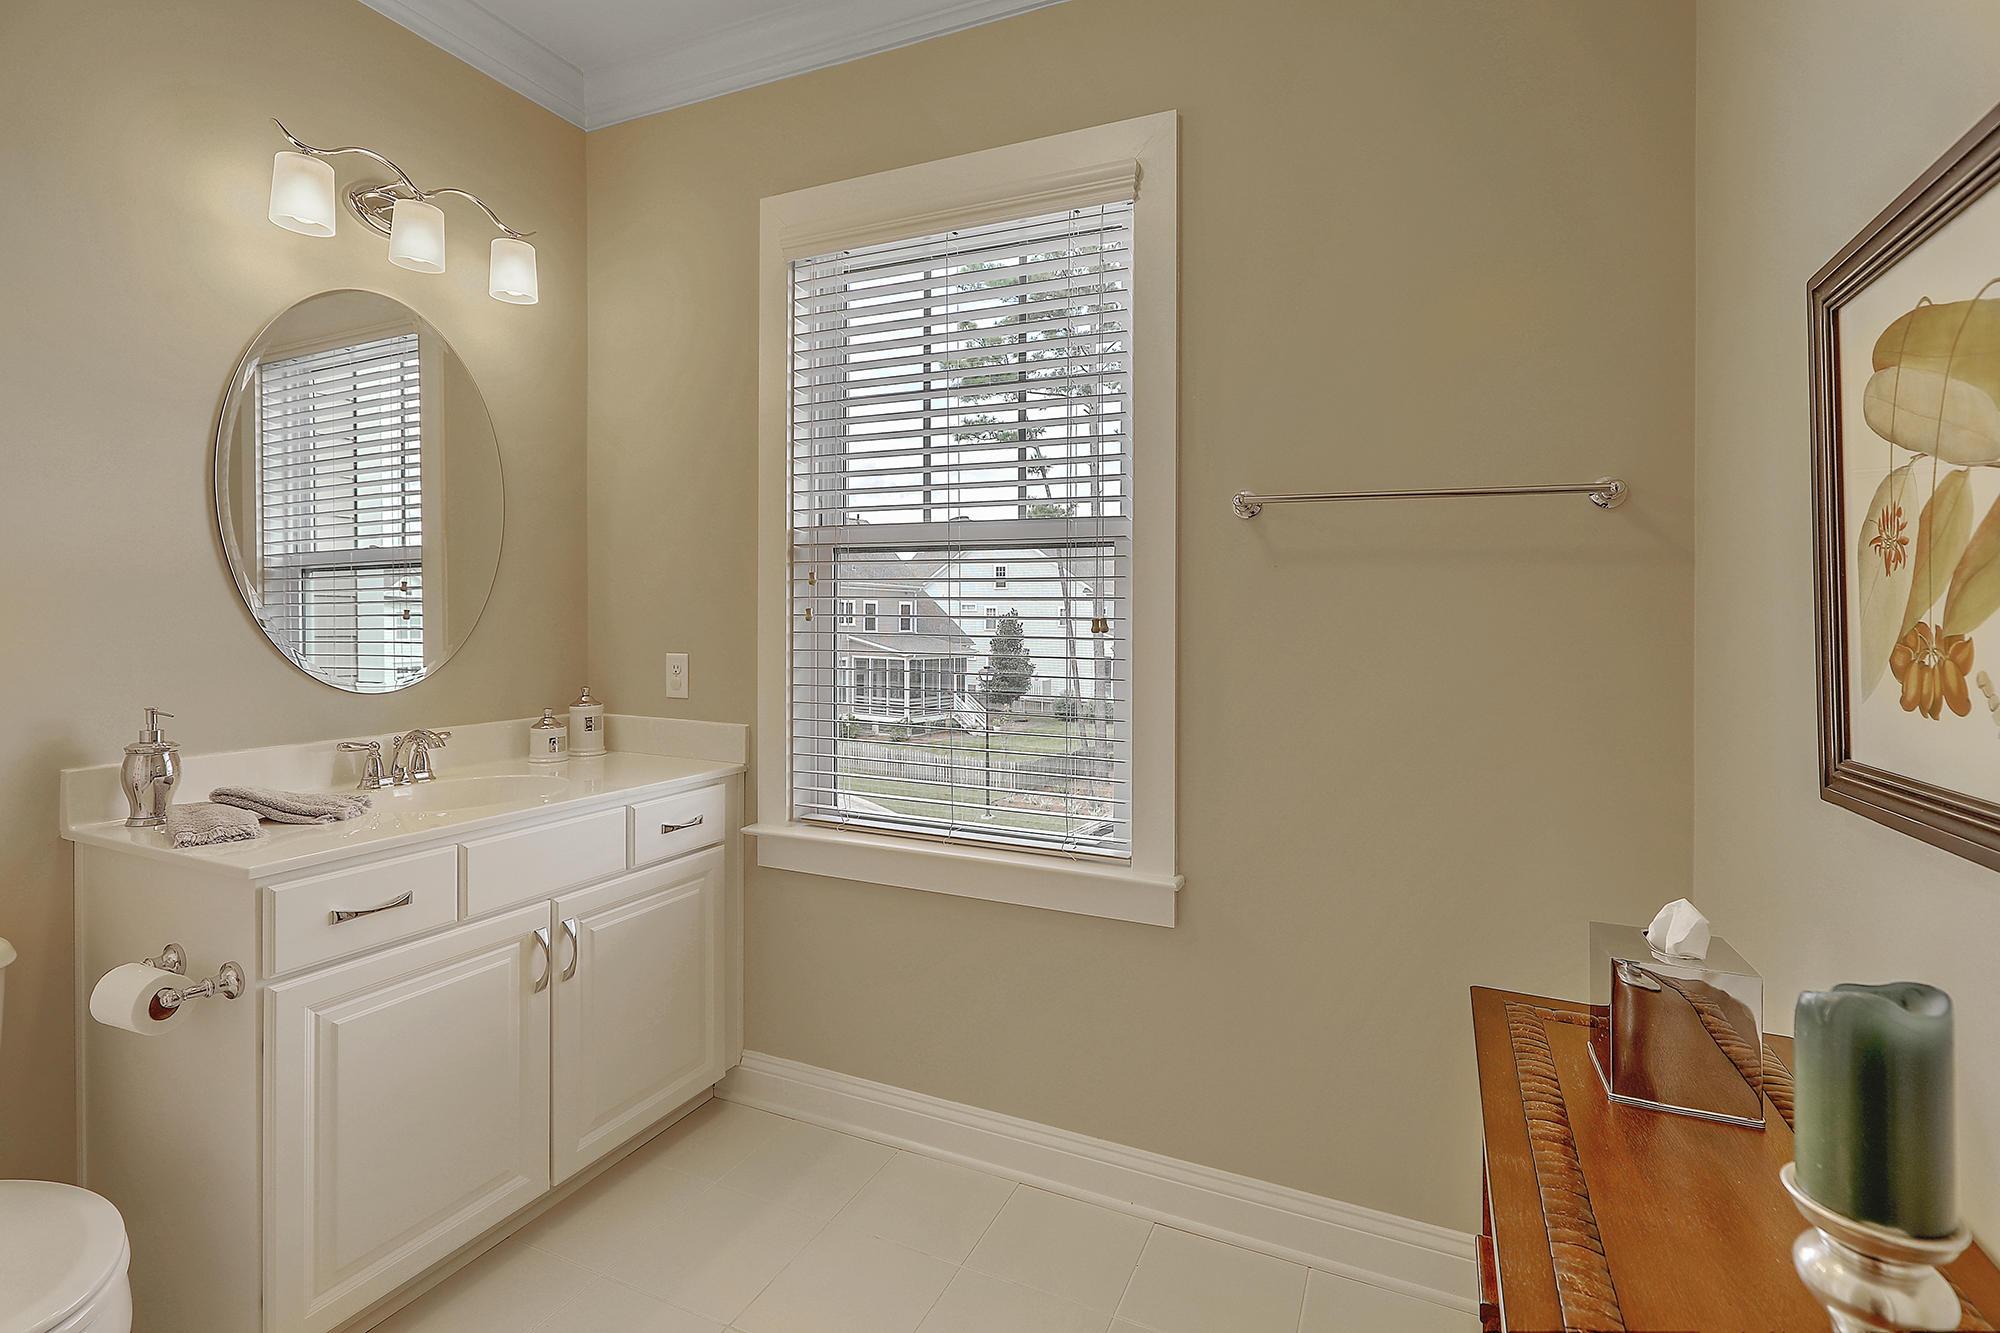 Dunes West Homes For Sale - 3171 Sturbridge, Mount Pleasant, SC - 41